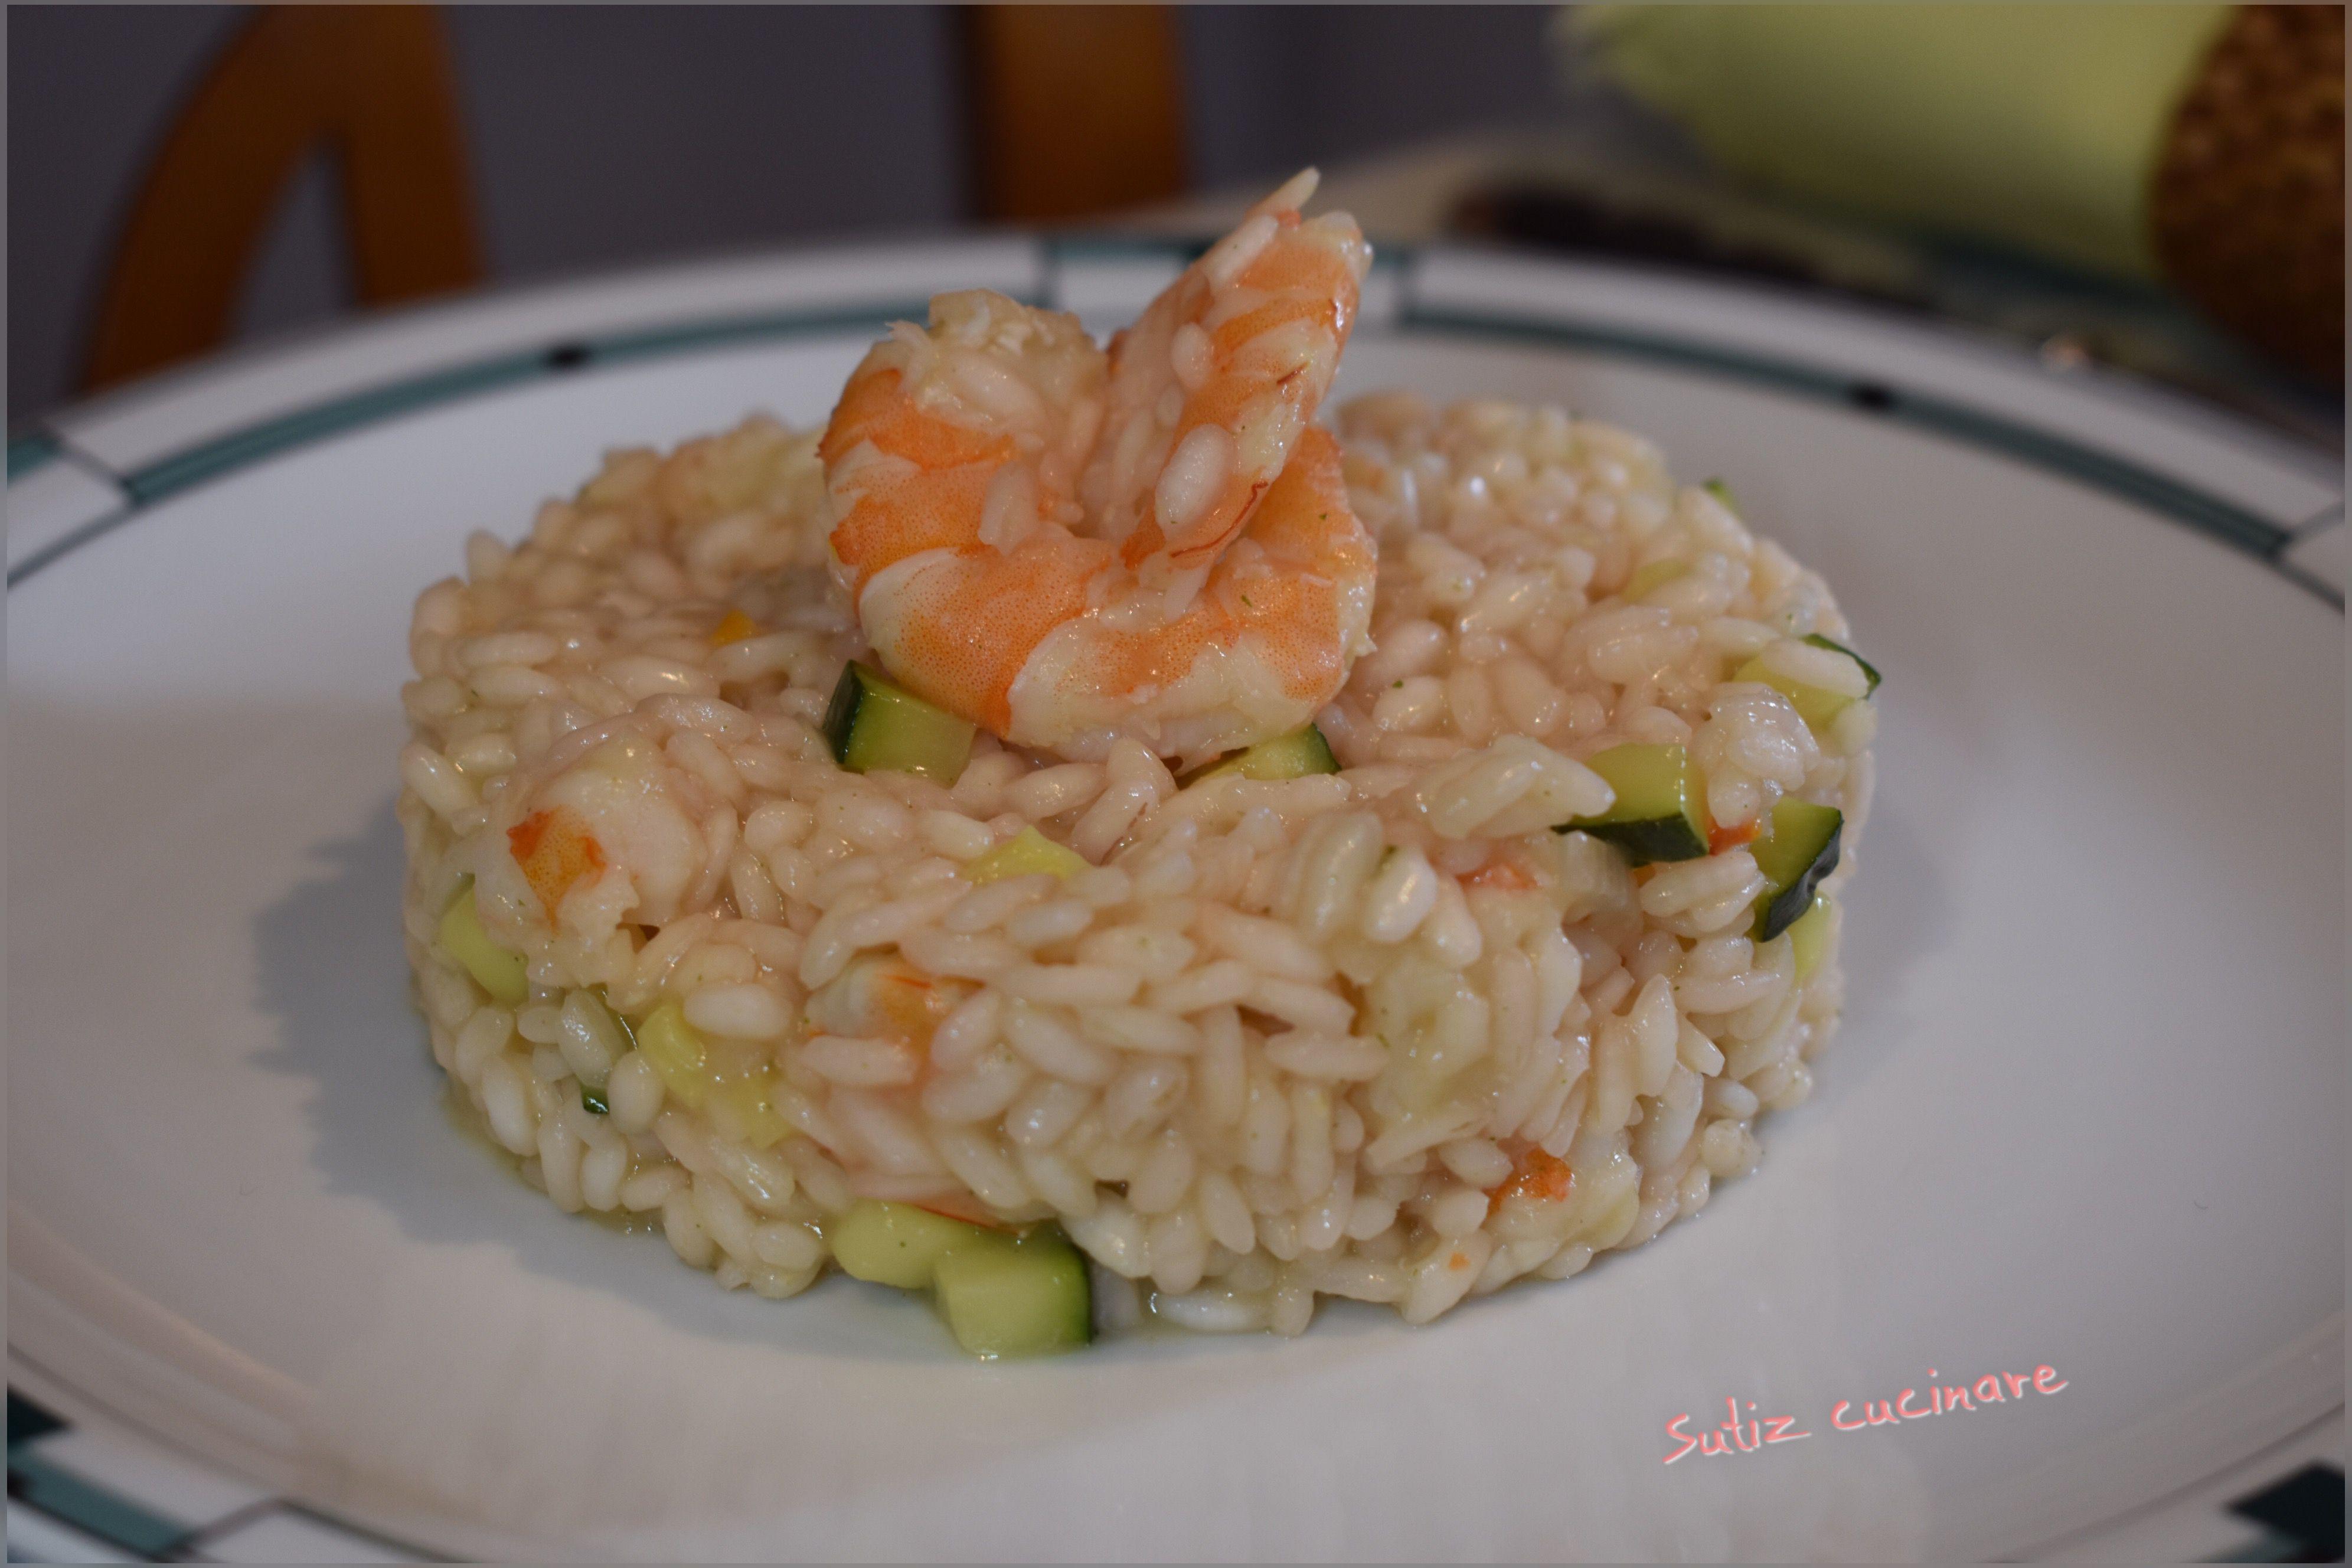 Risotto sebnem sutiz cucinare for Cucinare risotto